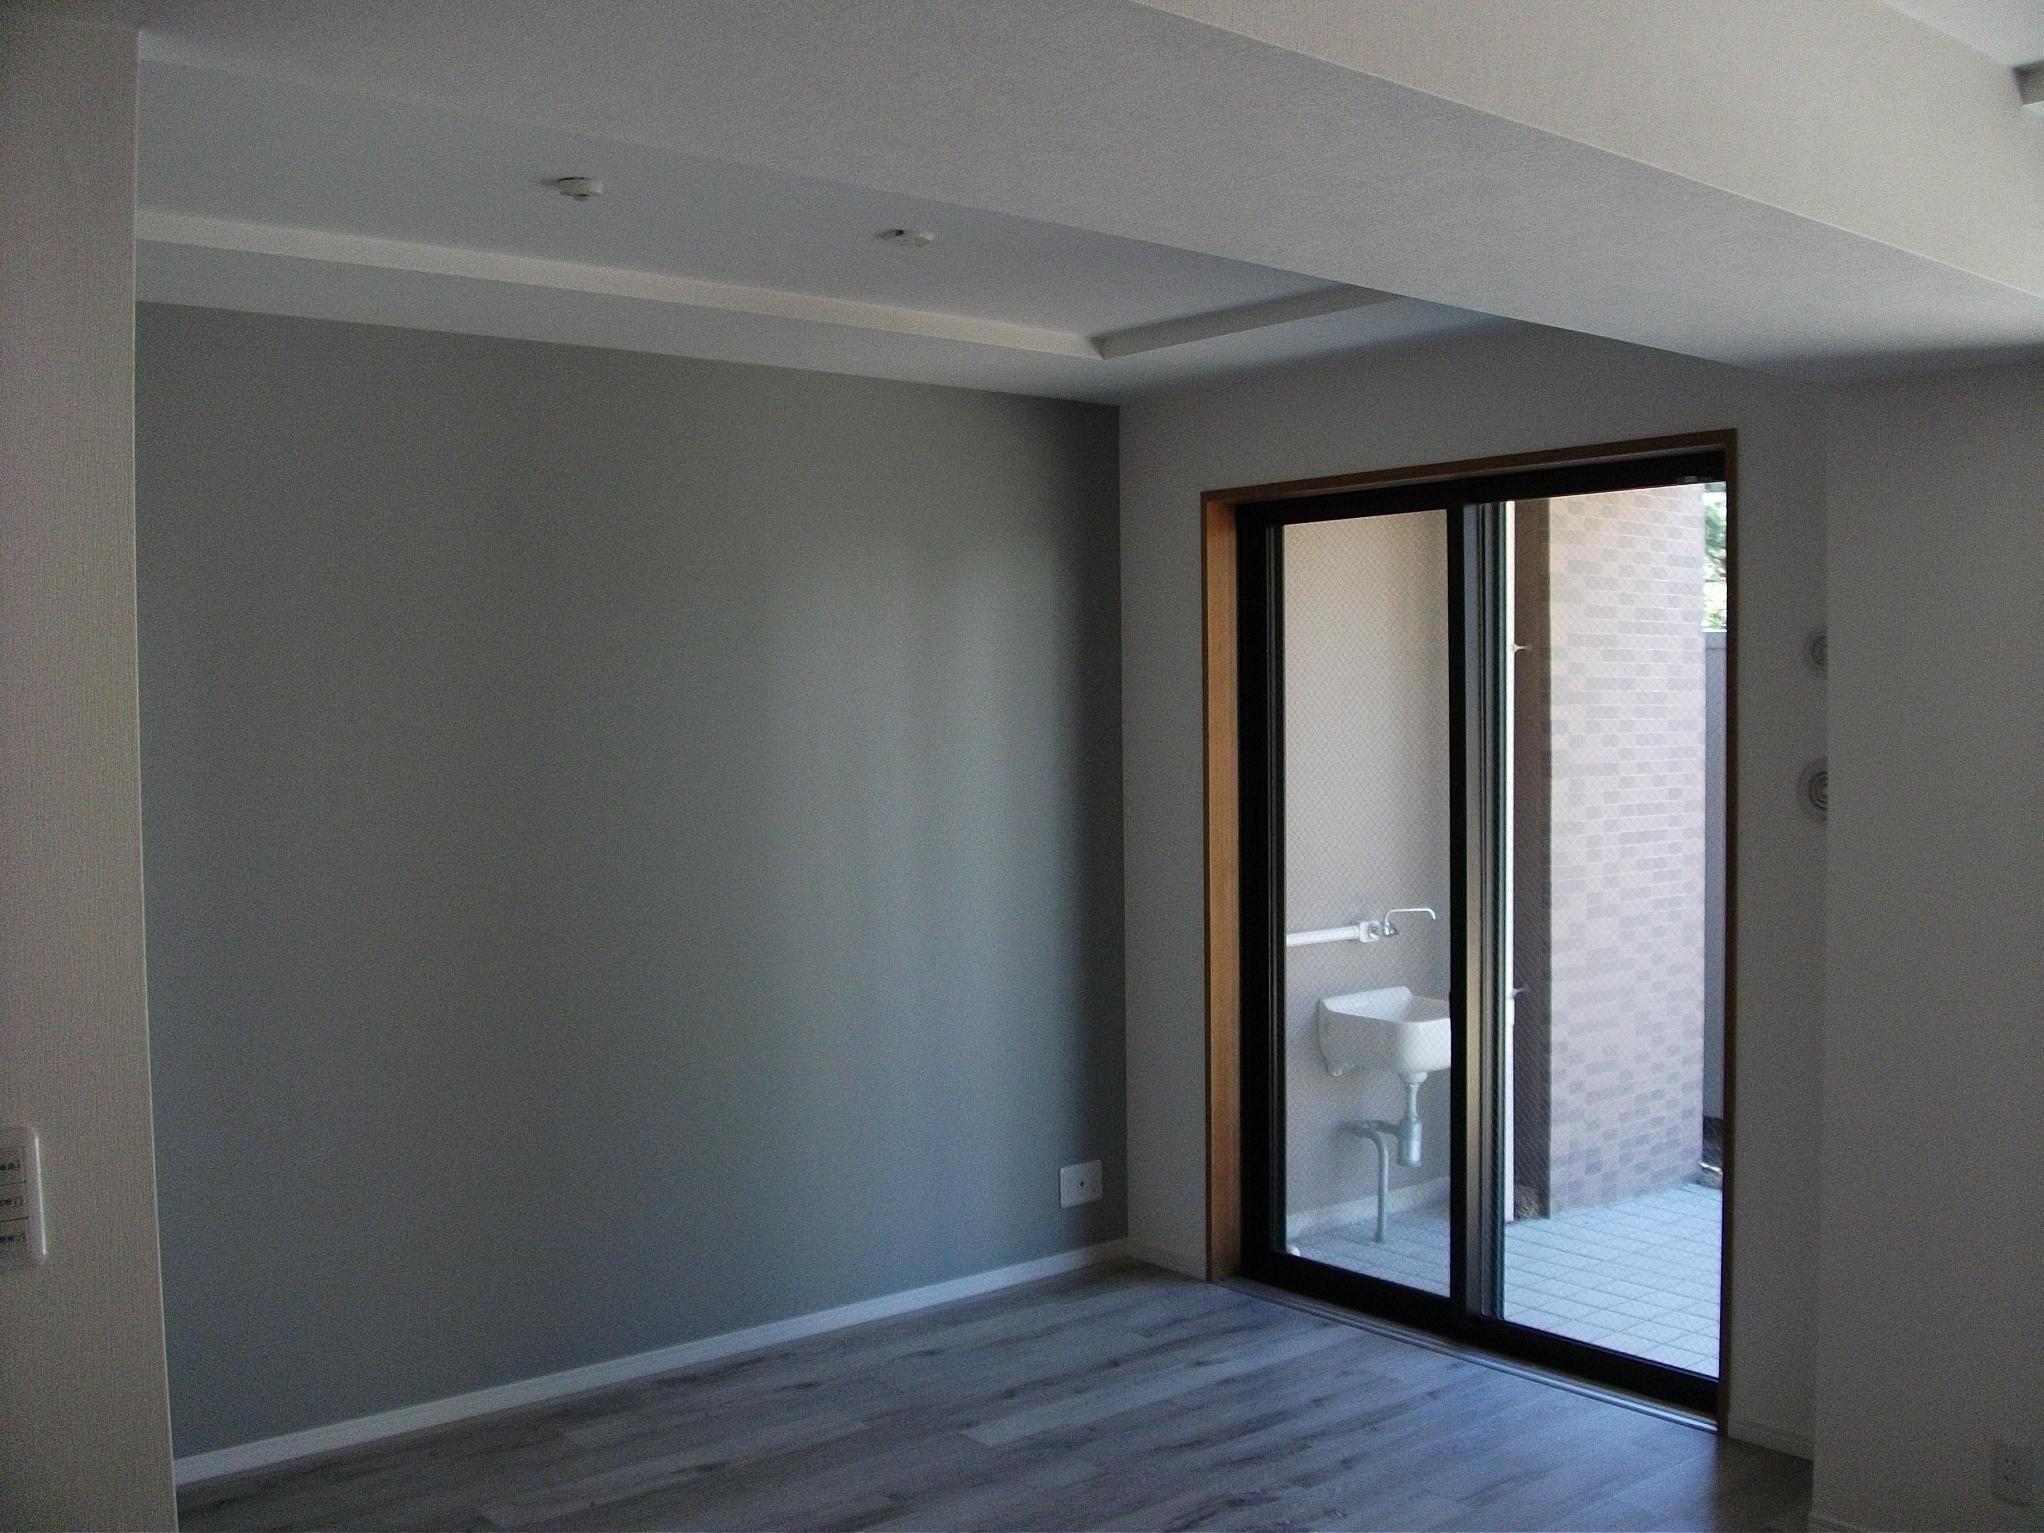 ビンテージマンションの写真 シンプルな洋室